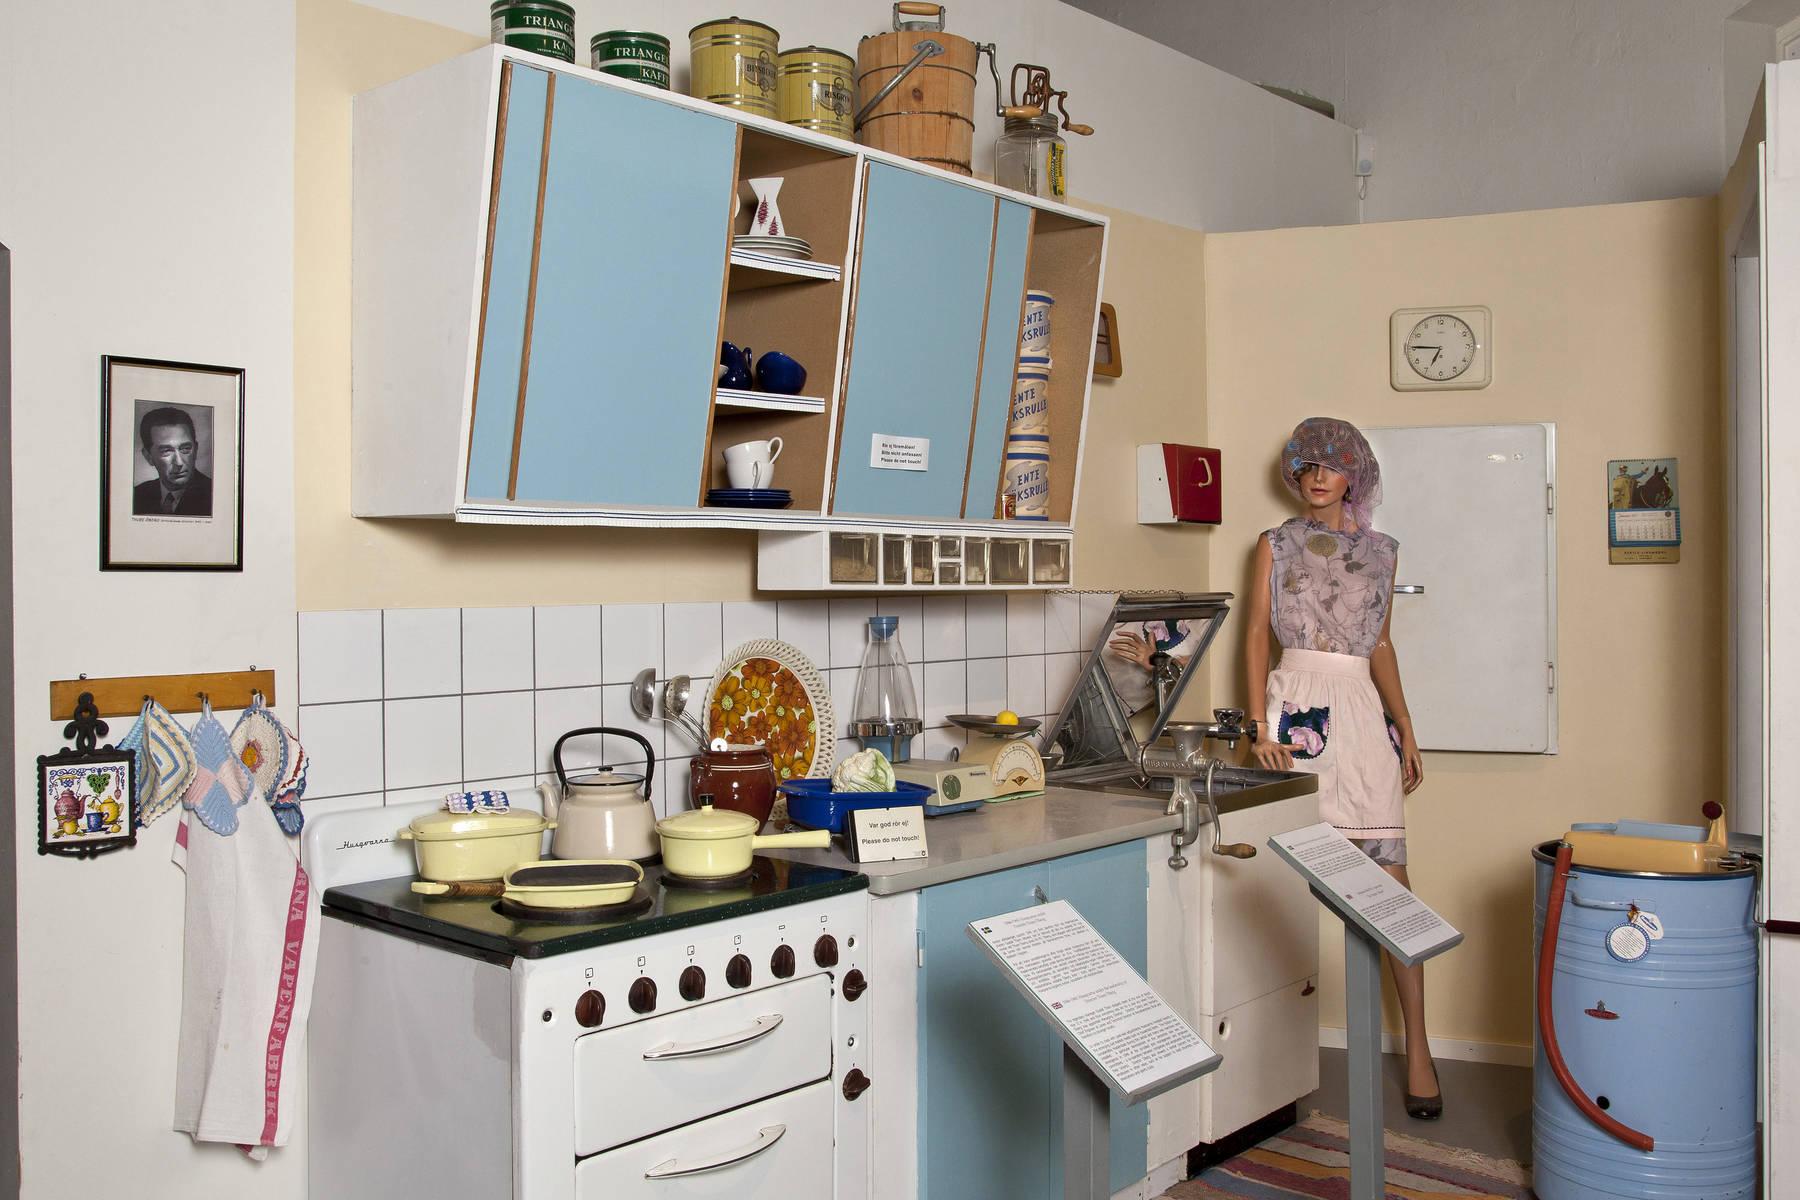 Fünfzigerjahre Küche im Husqvarna Museum in Småland